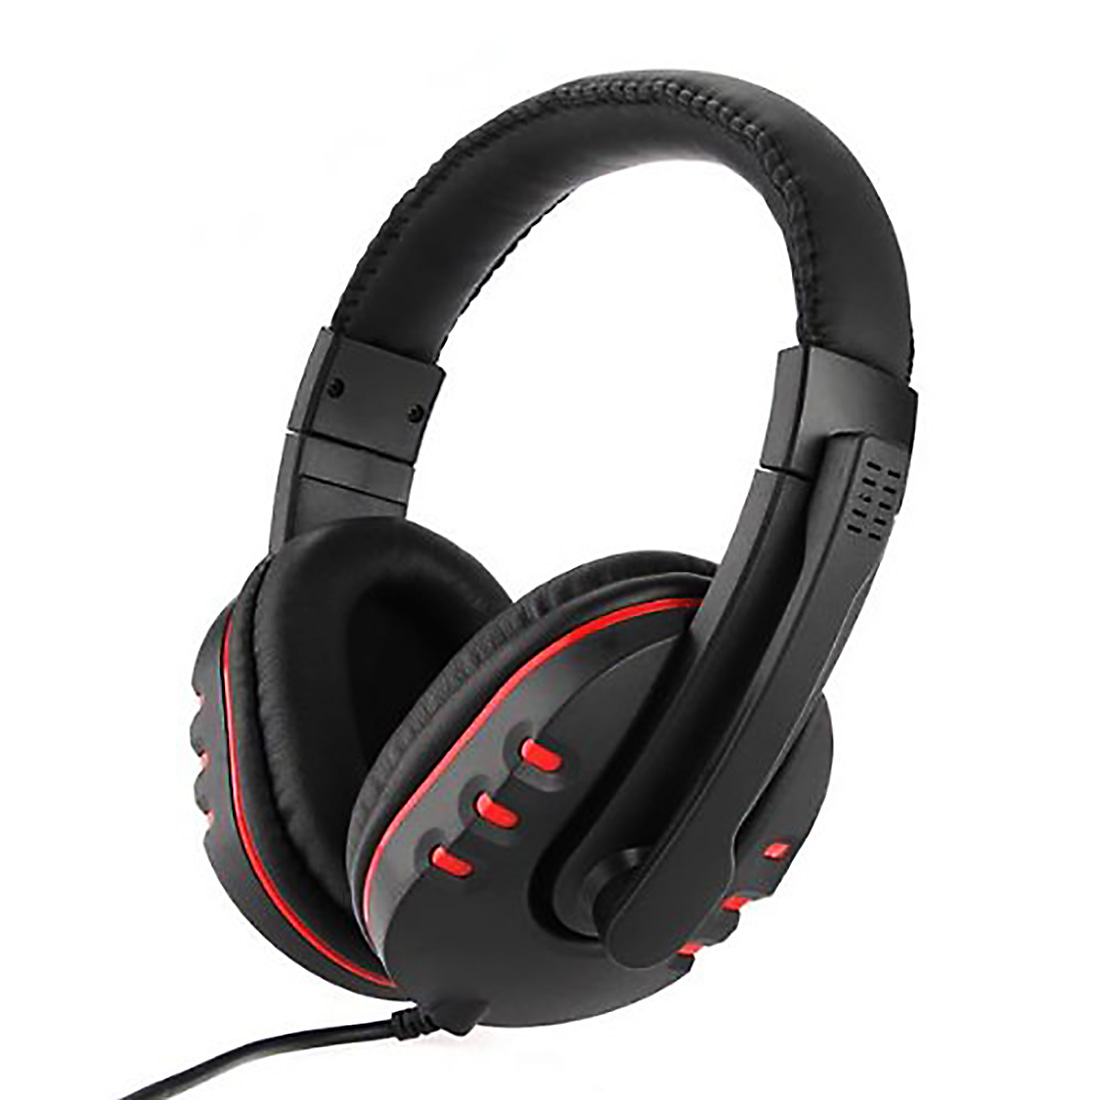 Marsnaska лучший продавец usb Over-Ear Наушники бас стерео наушники гарнитура наушники С микрофоном для PC Gamer PS3